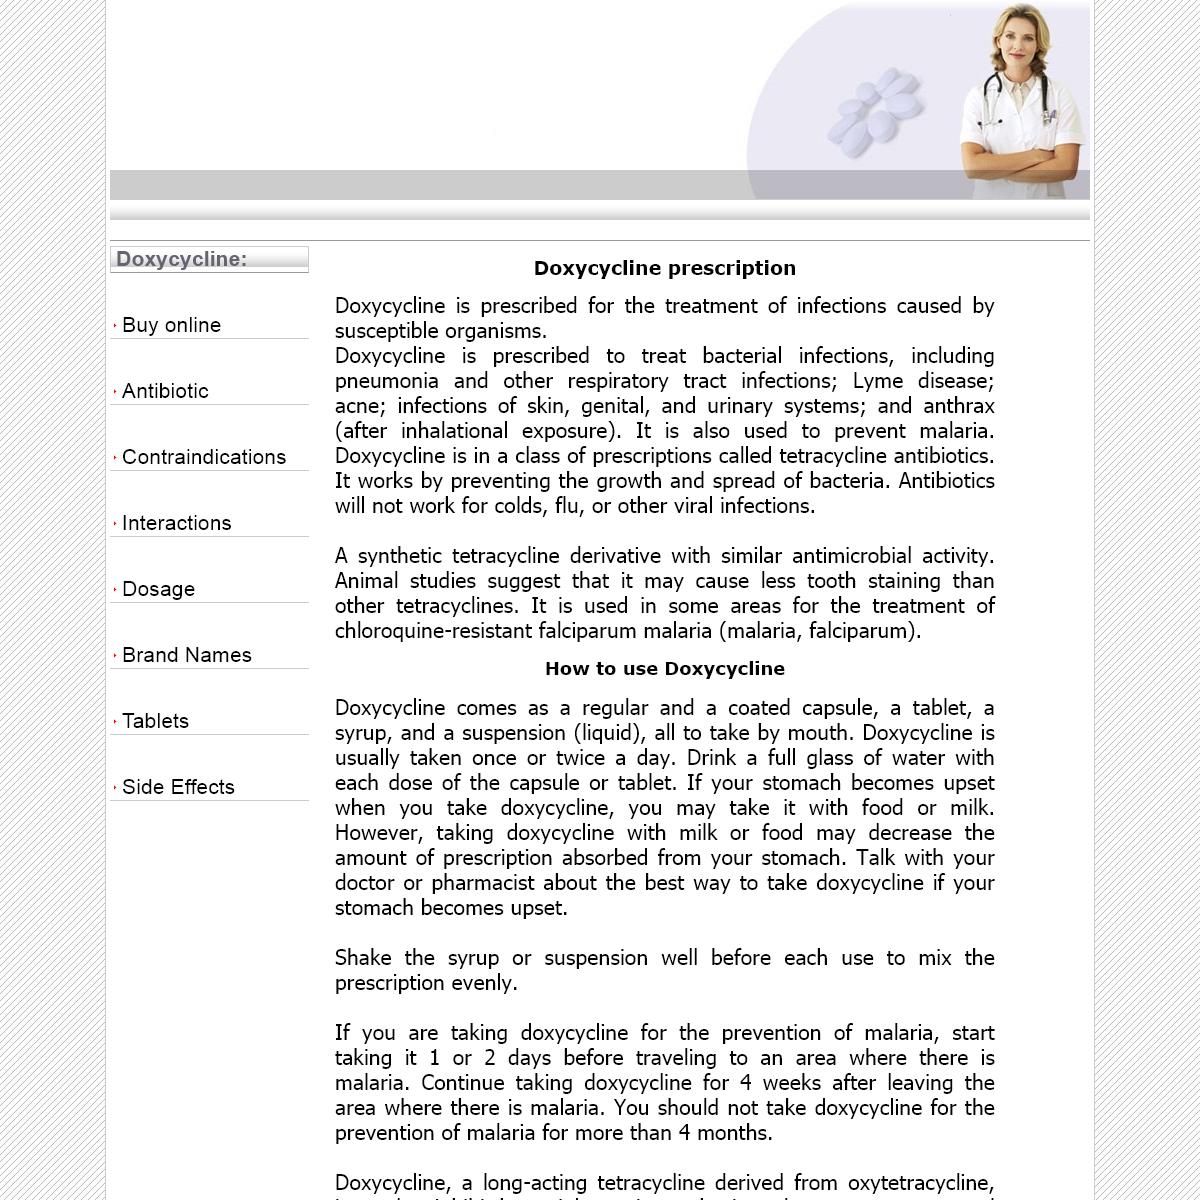 Doxycycline online information